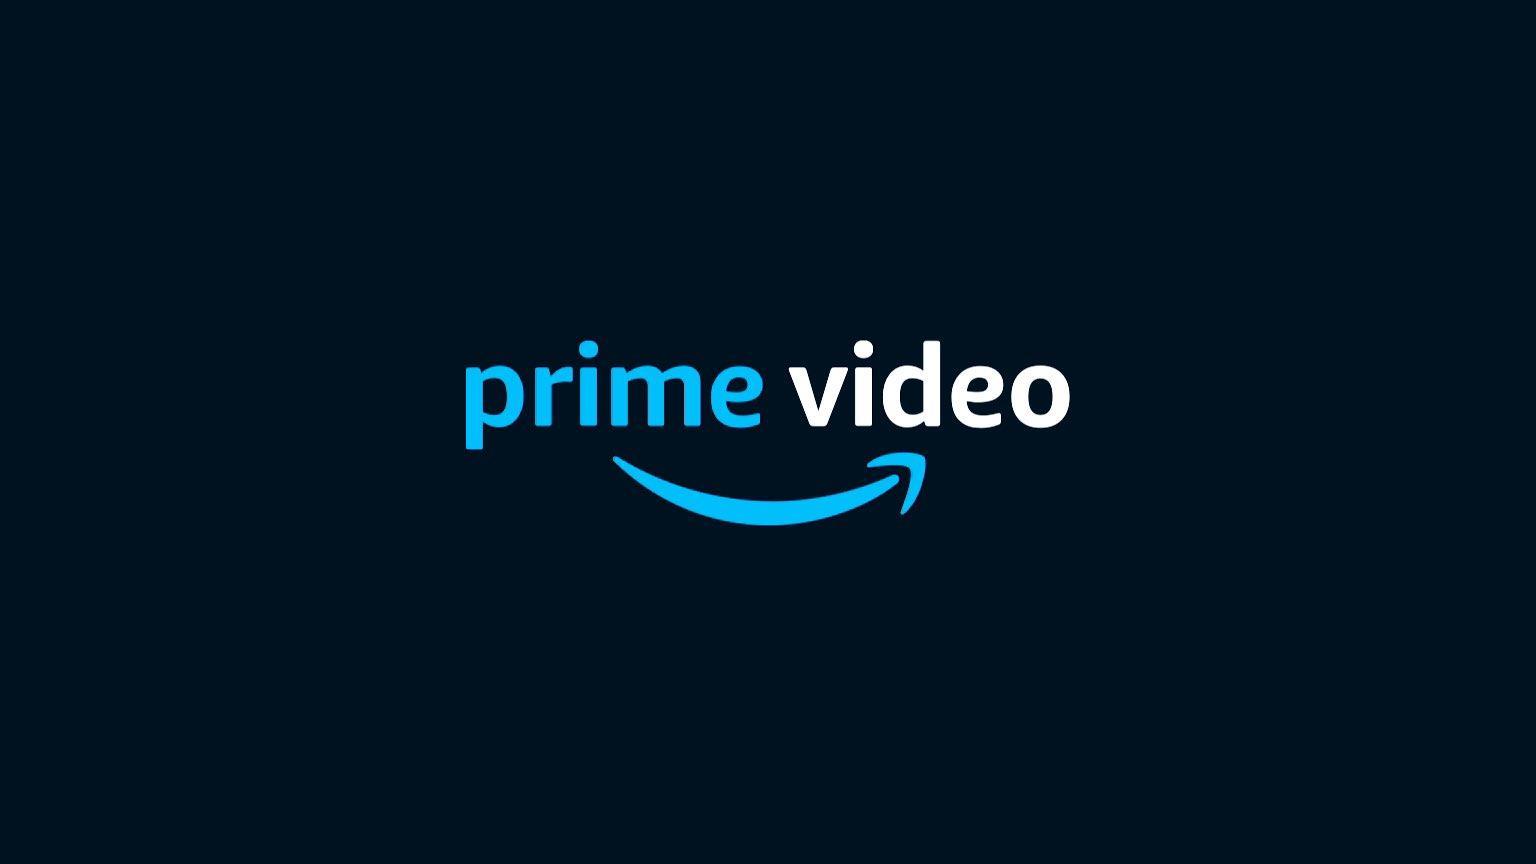 Amazon Prime reduce calidad  por demanda ante el COVID-19